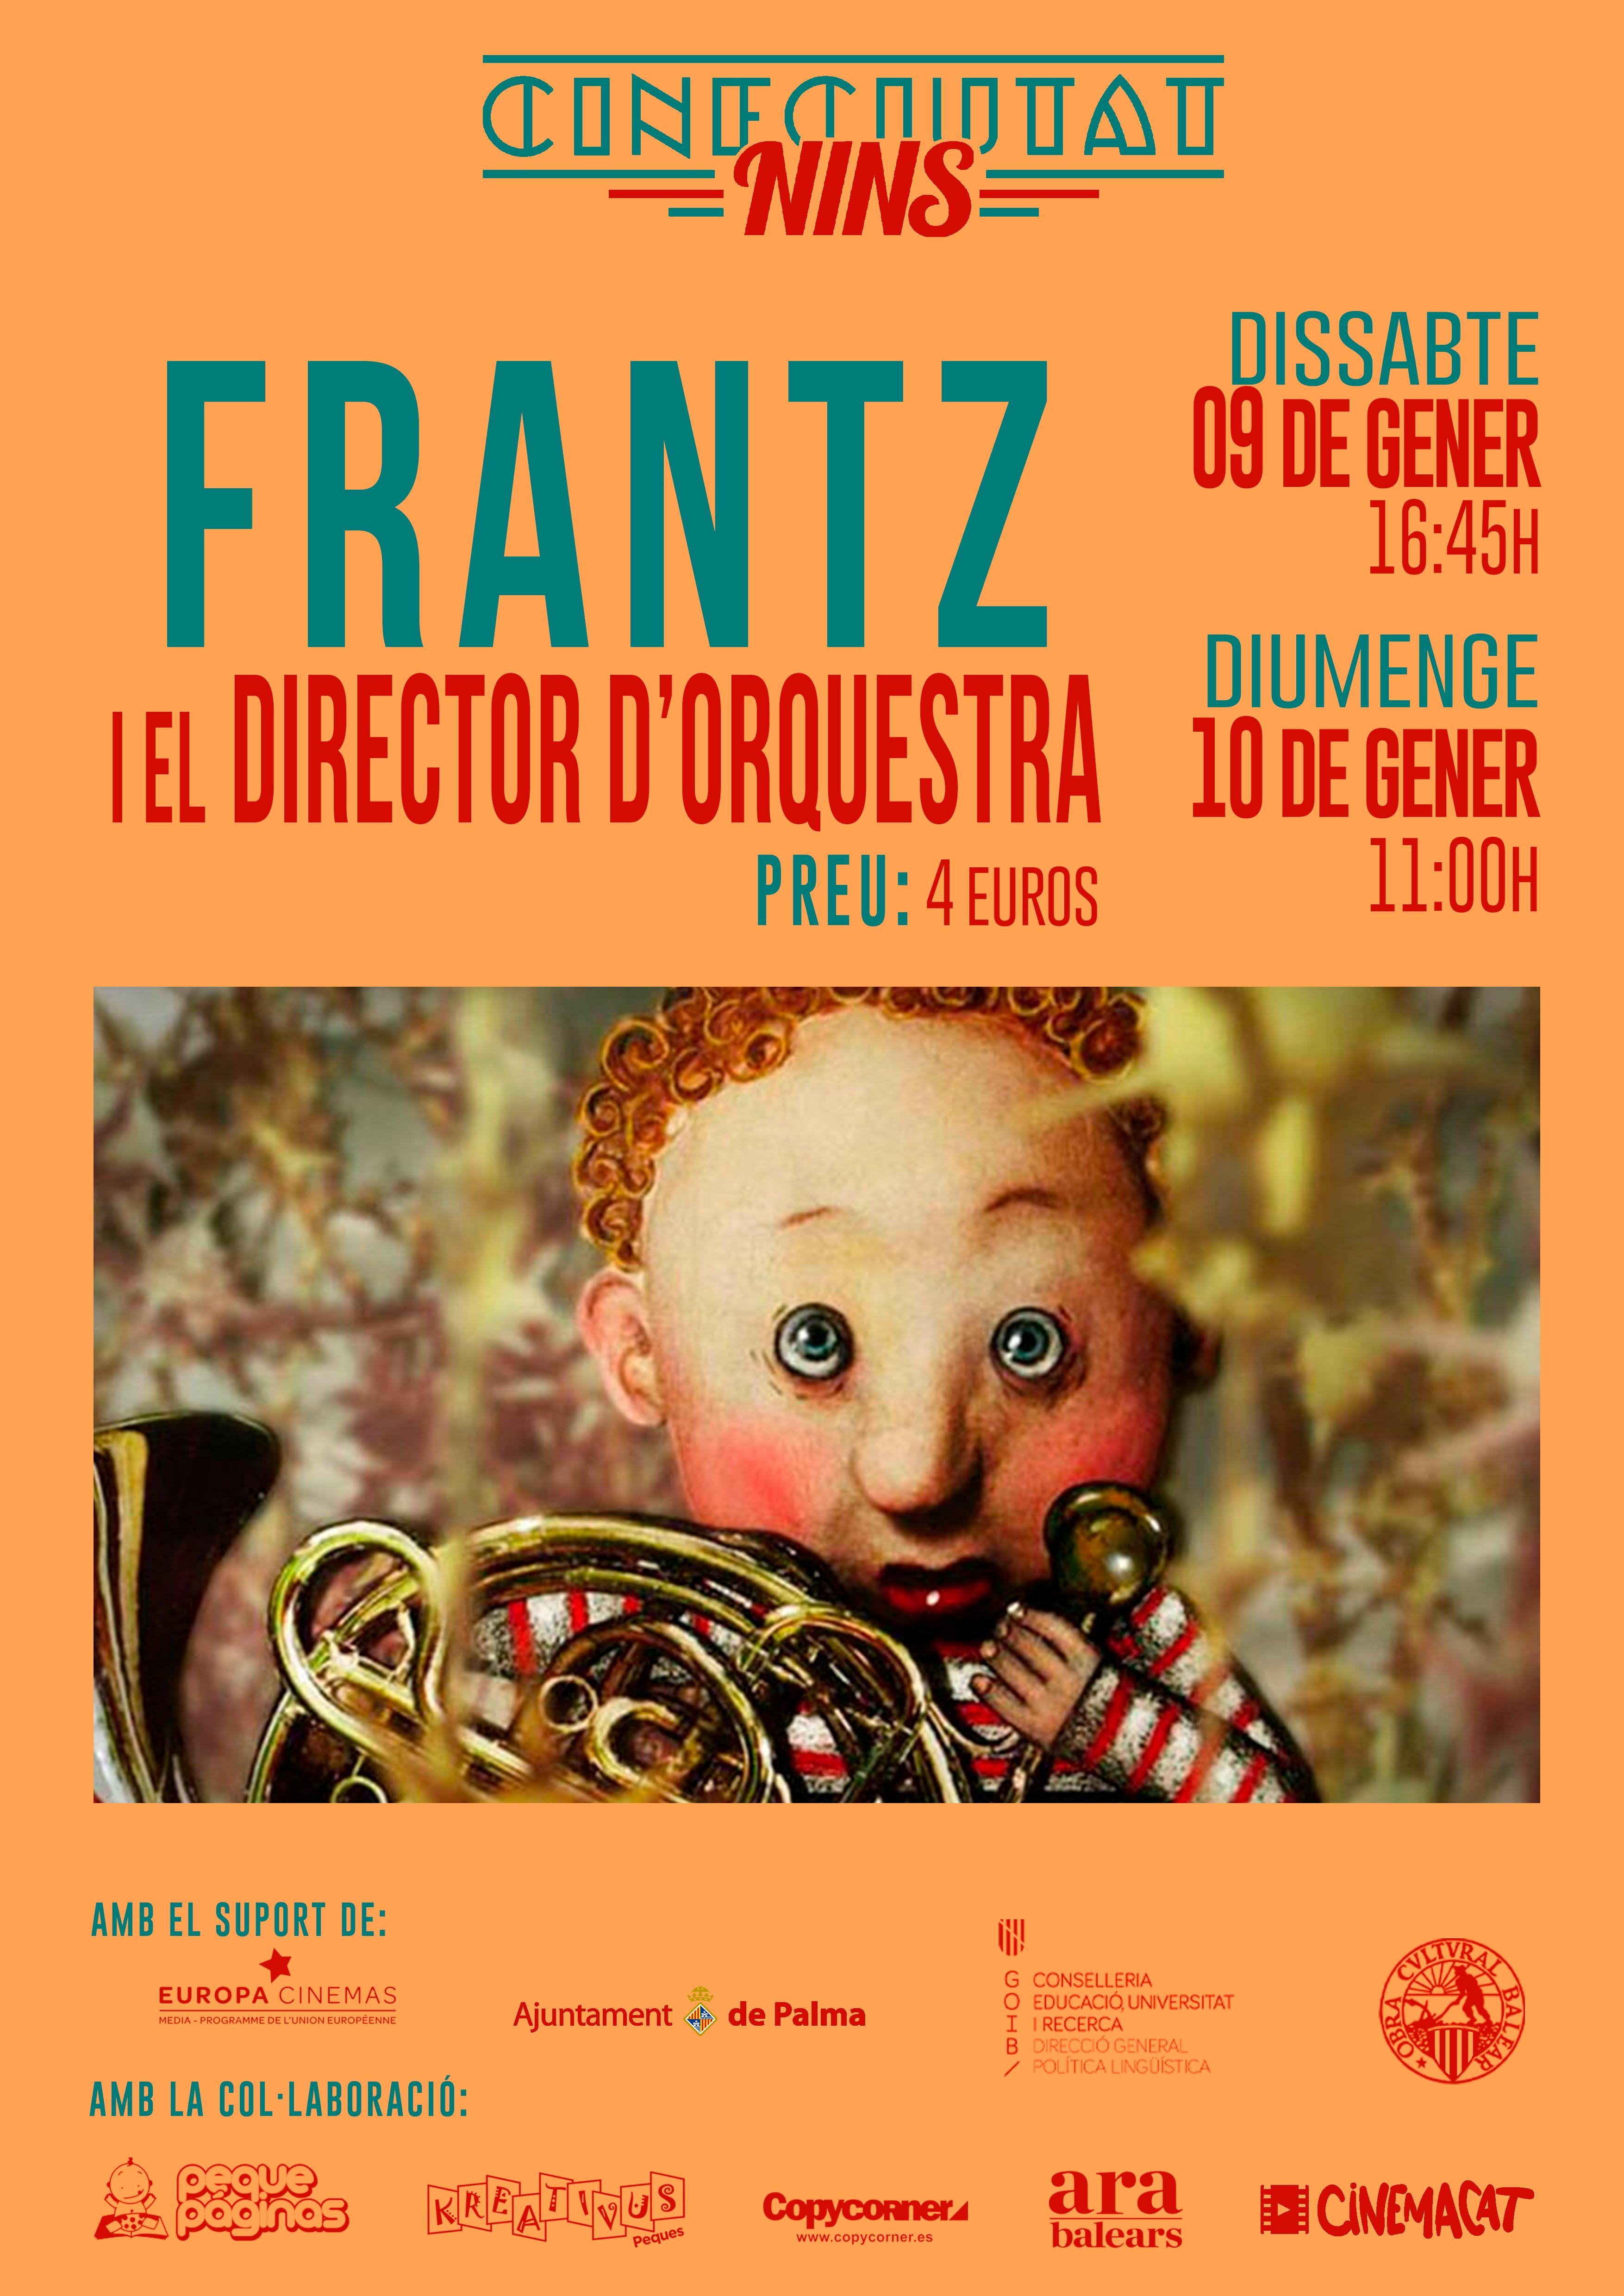 FRANTZ1.png